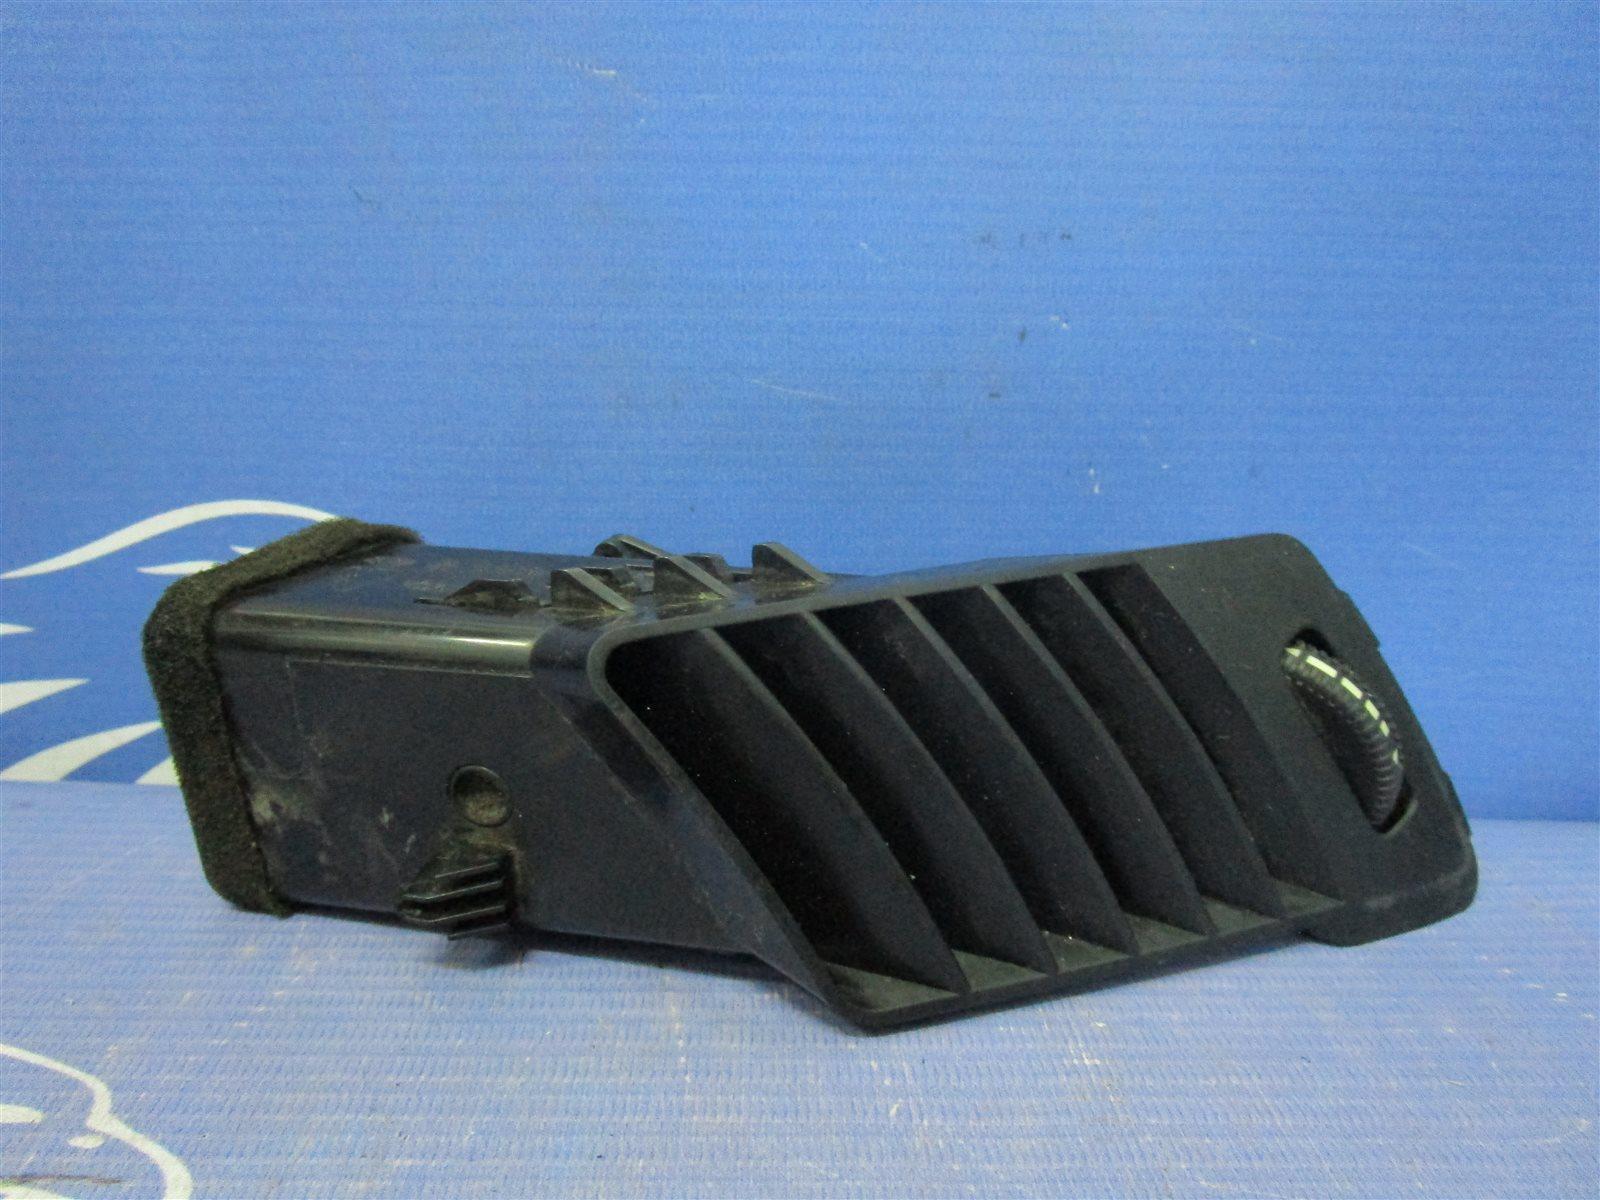 Дефлектор воздуходува центральной консоли Mercedes-Benz Sprinter ФУРГОН 646985 2007 правый